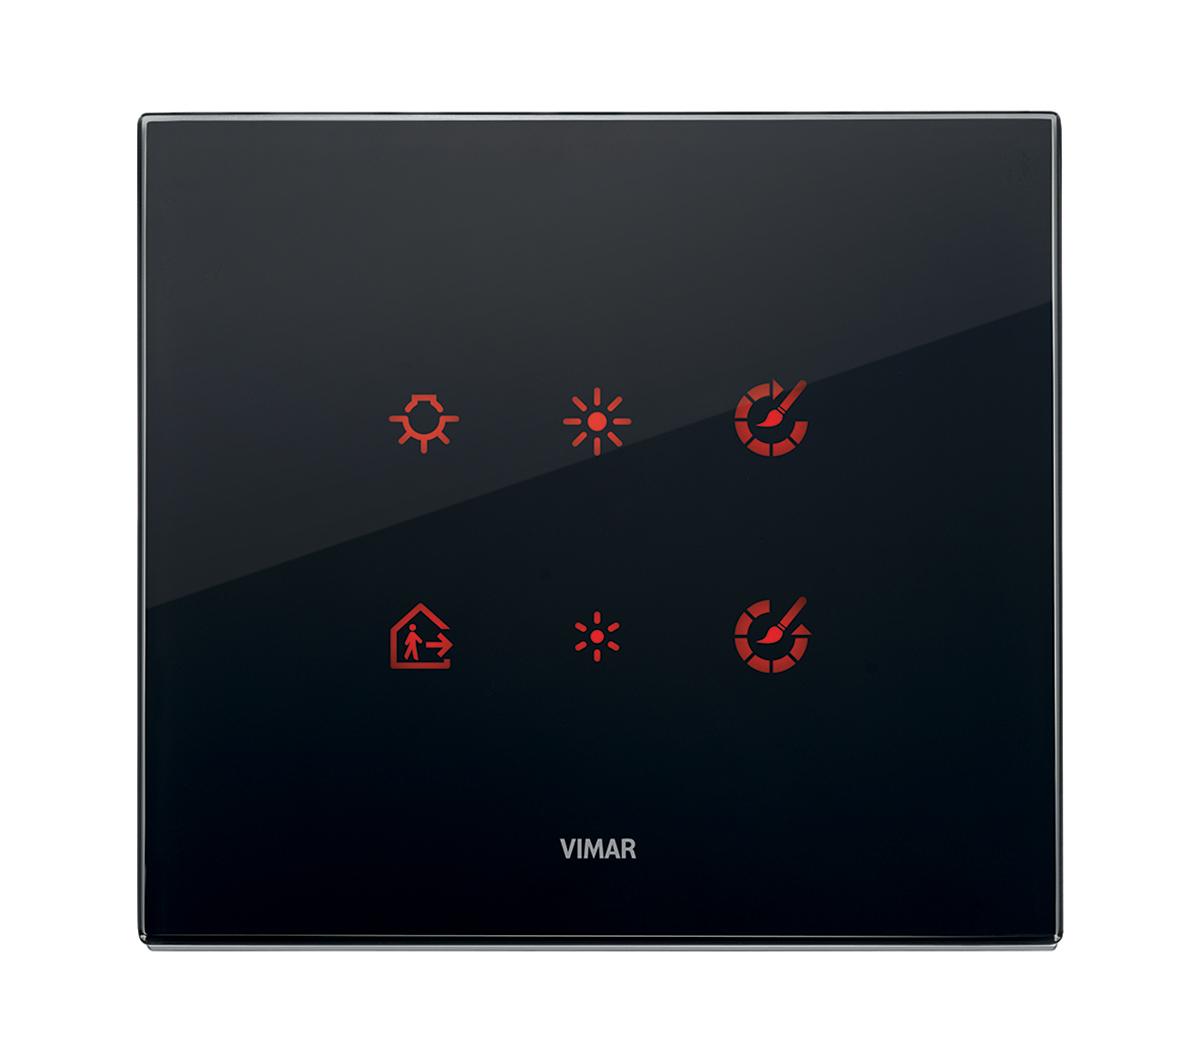 La chiave della domotica watt elettroforniture for Vimar domotica